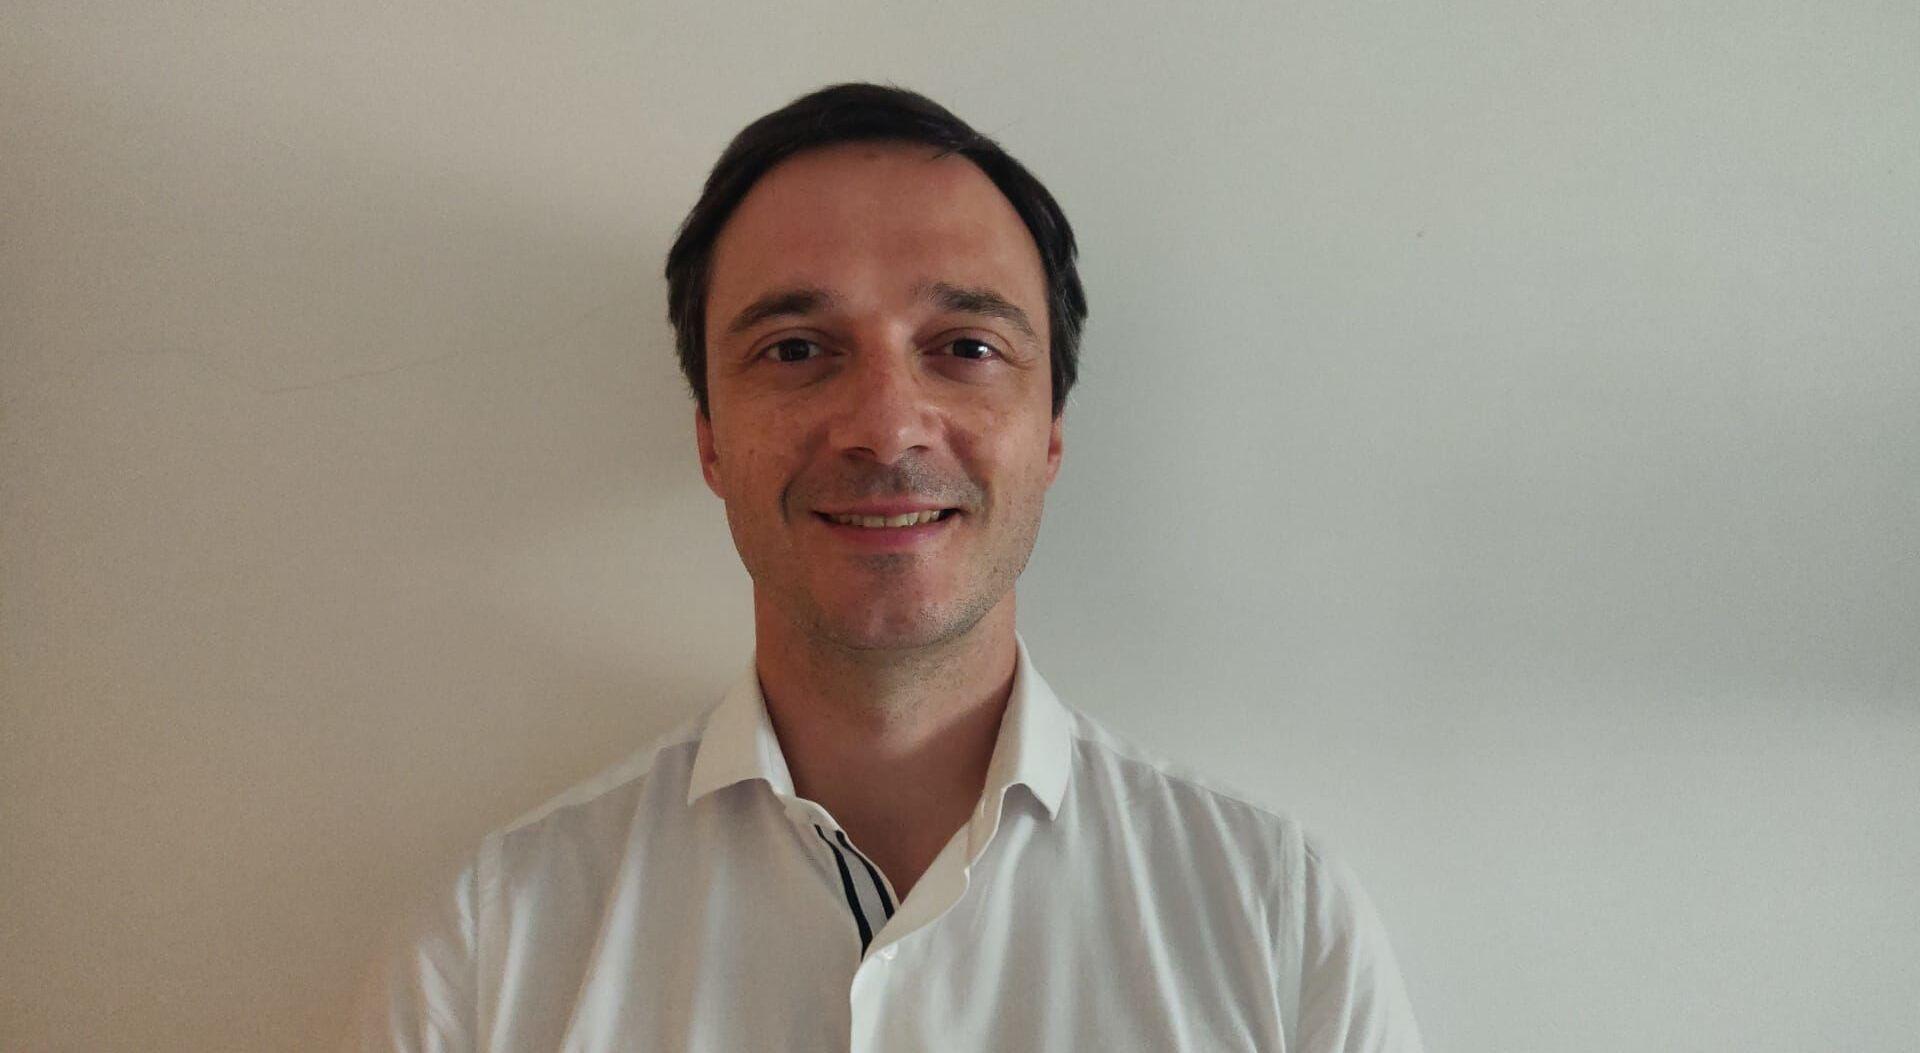 Gustavo Tato Borges, atual presidente da Associação Nacional de Médicos de Saúde Pública de Portugal